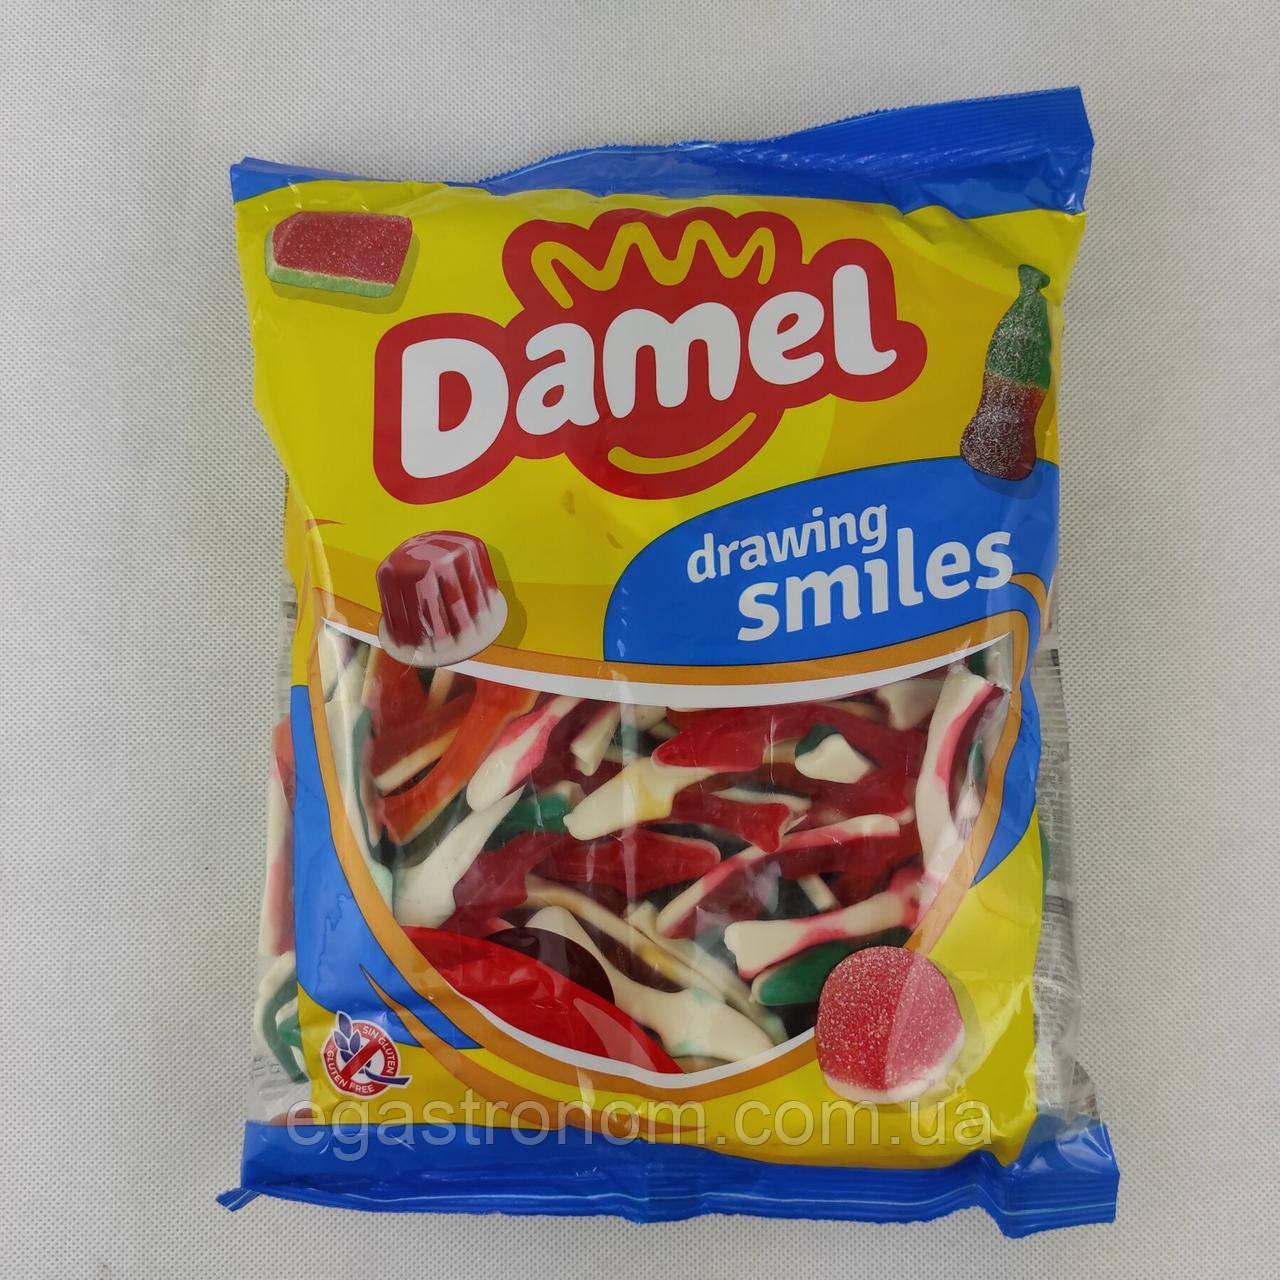 Желейки Дамел акула Damel sharks 1kg 12шт/ящ (Код : 00-00003708)